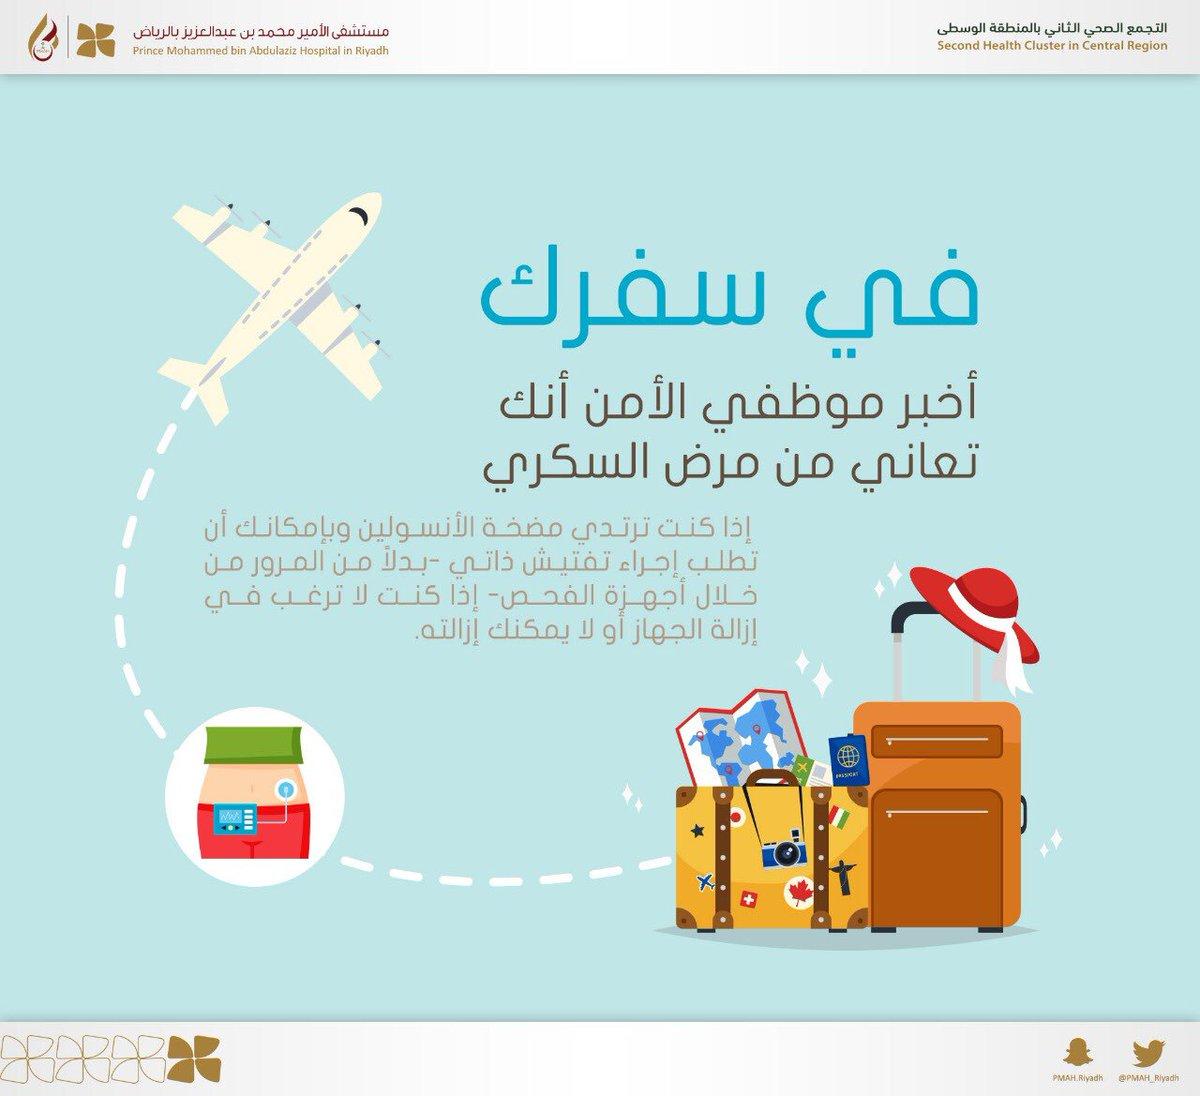 419331d53 مستشفى الأمير محمد بن عبدالعزيز بالرياض (@PMAH_RIYADH) | Twitter